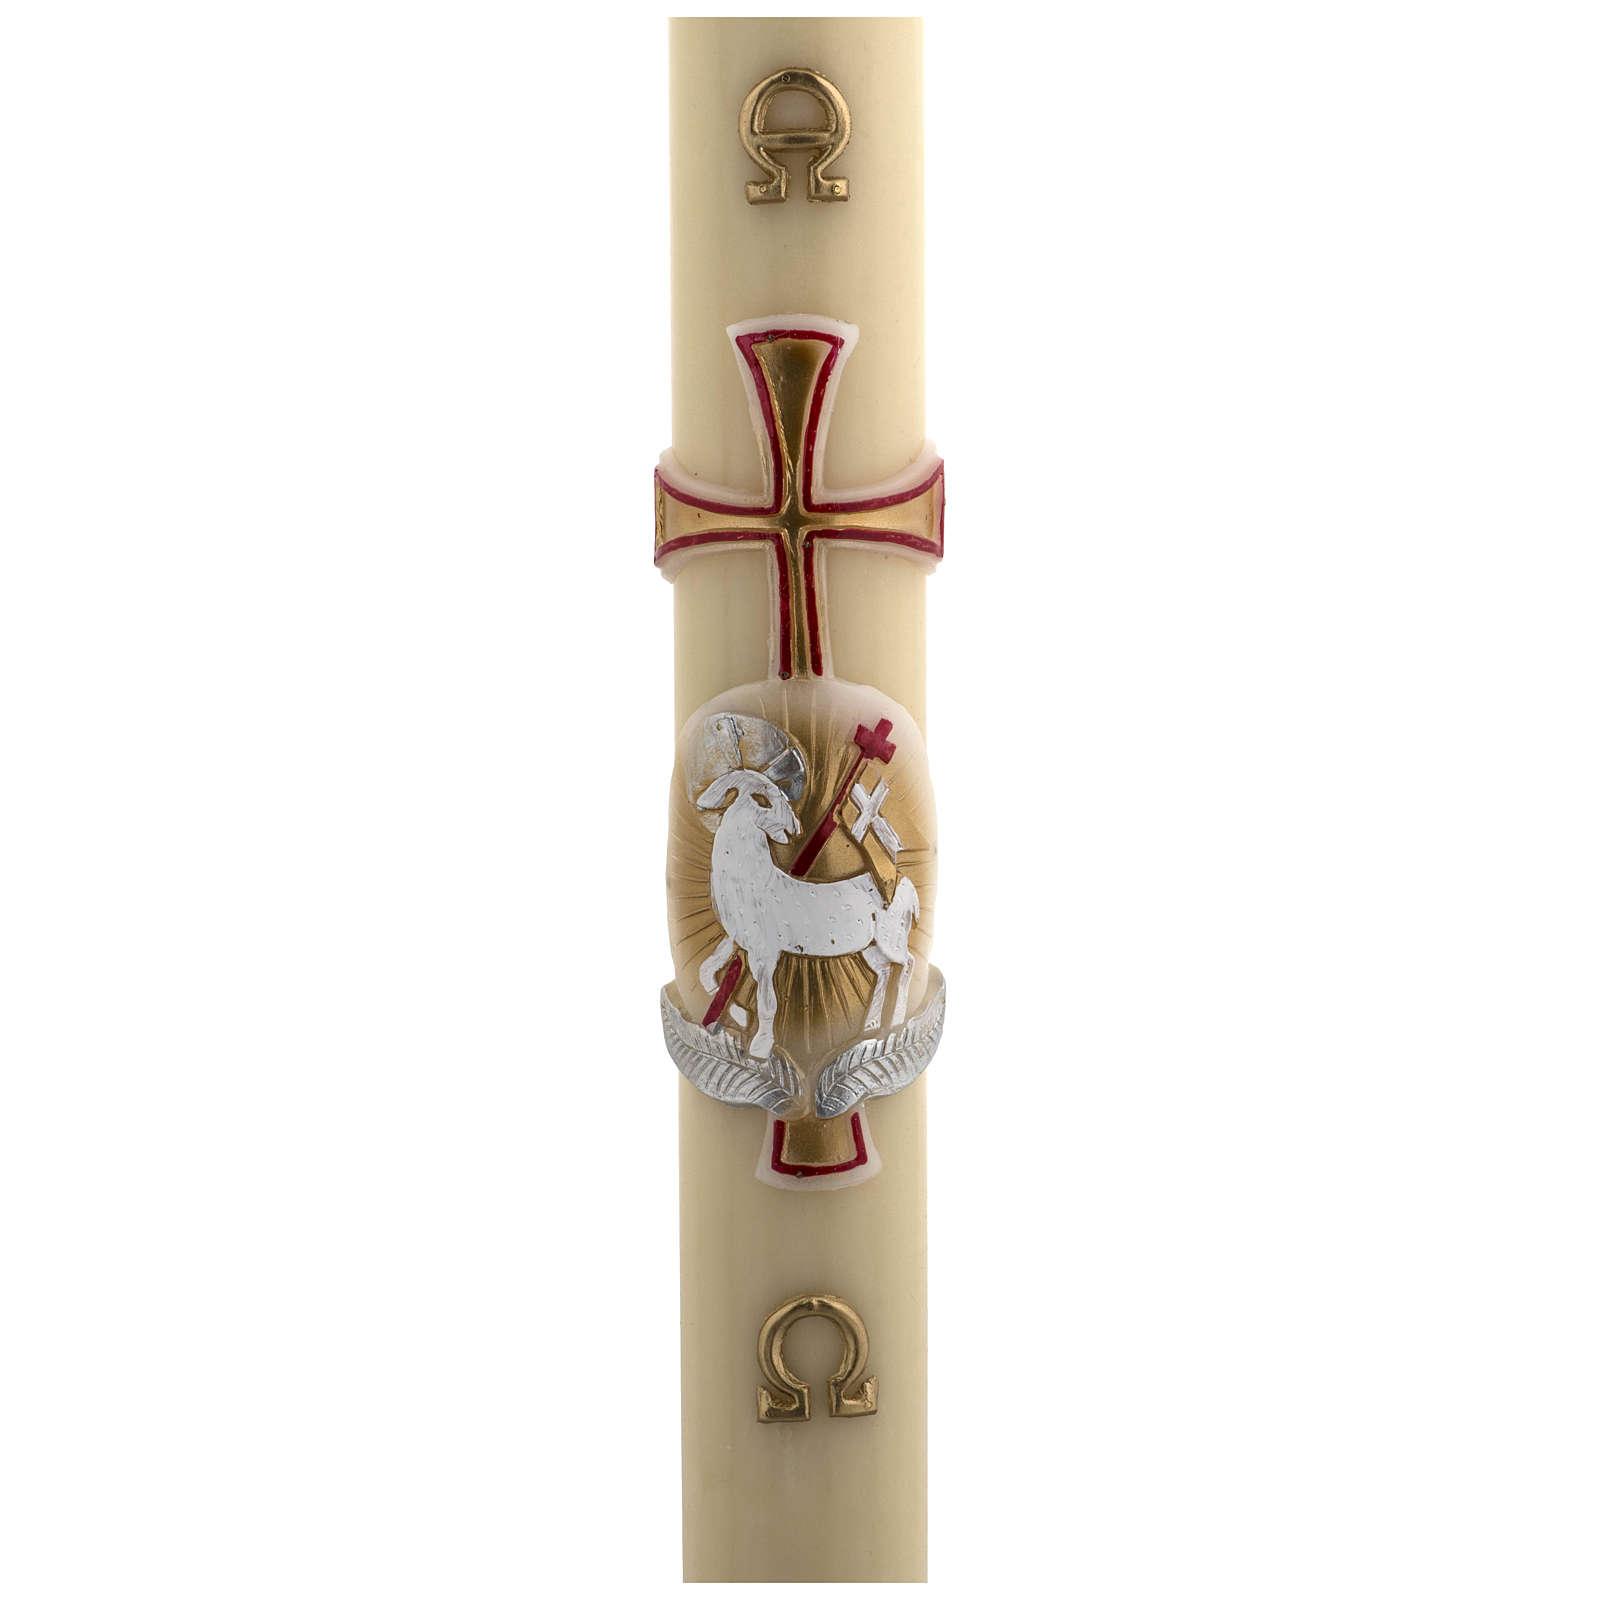 Cierge Pascal cire d'abeille agneau or et rouge croix 8x120 cm 3